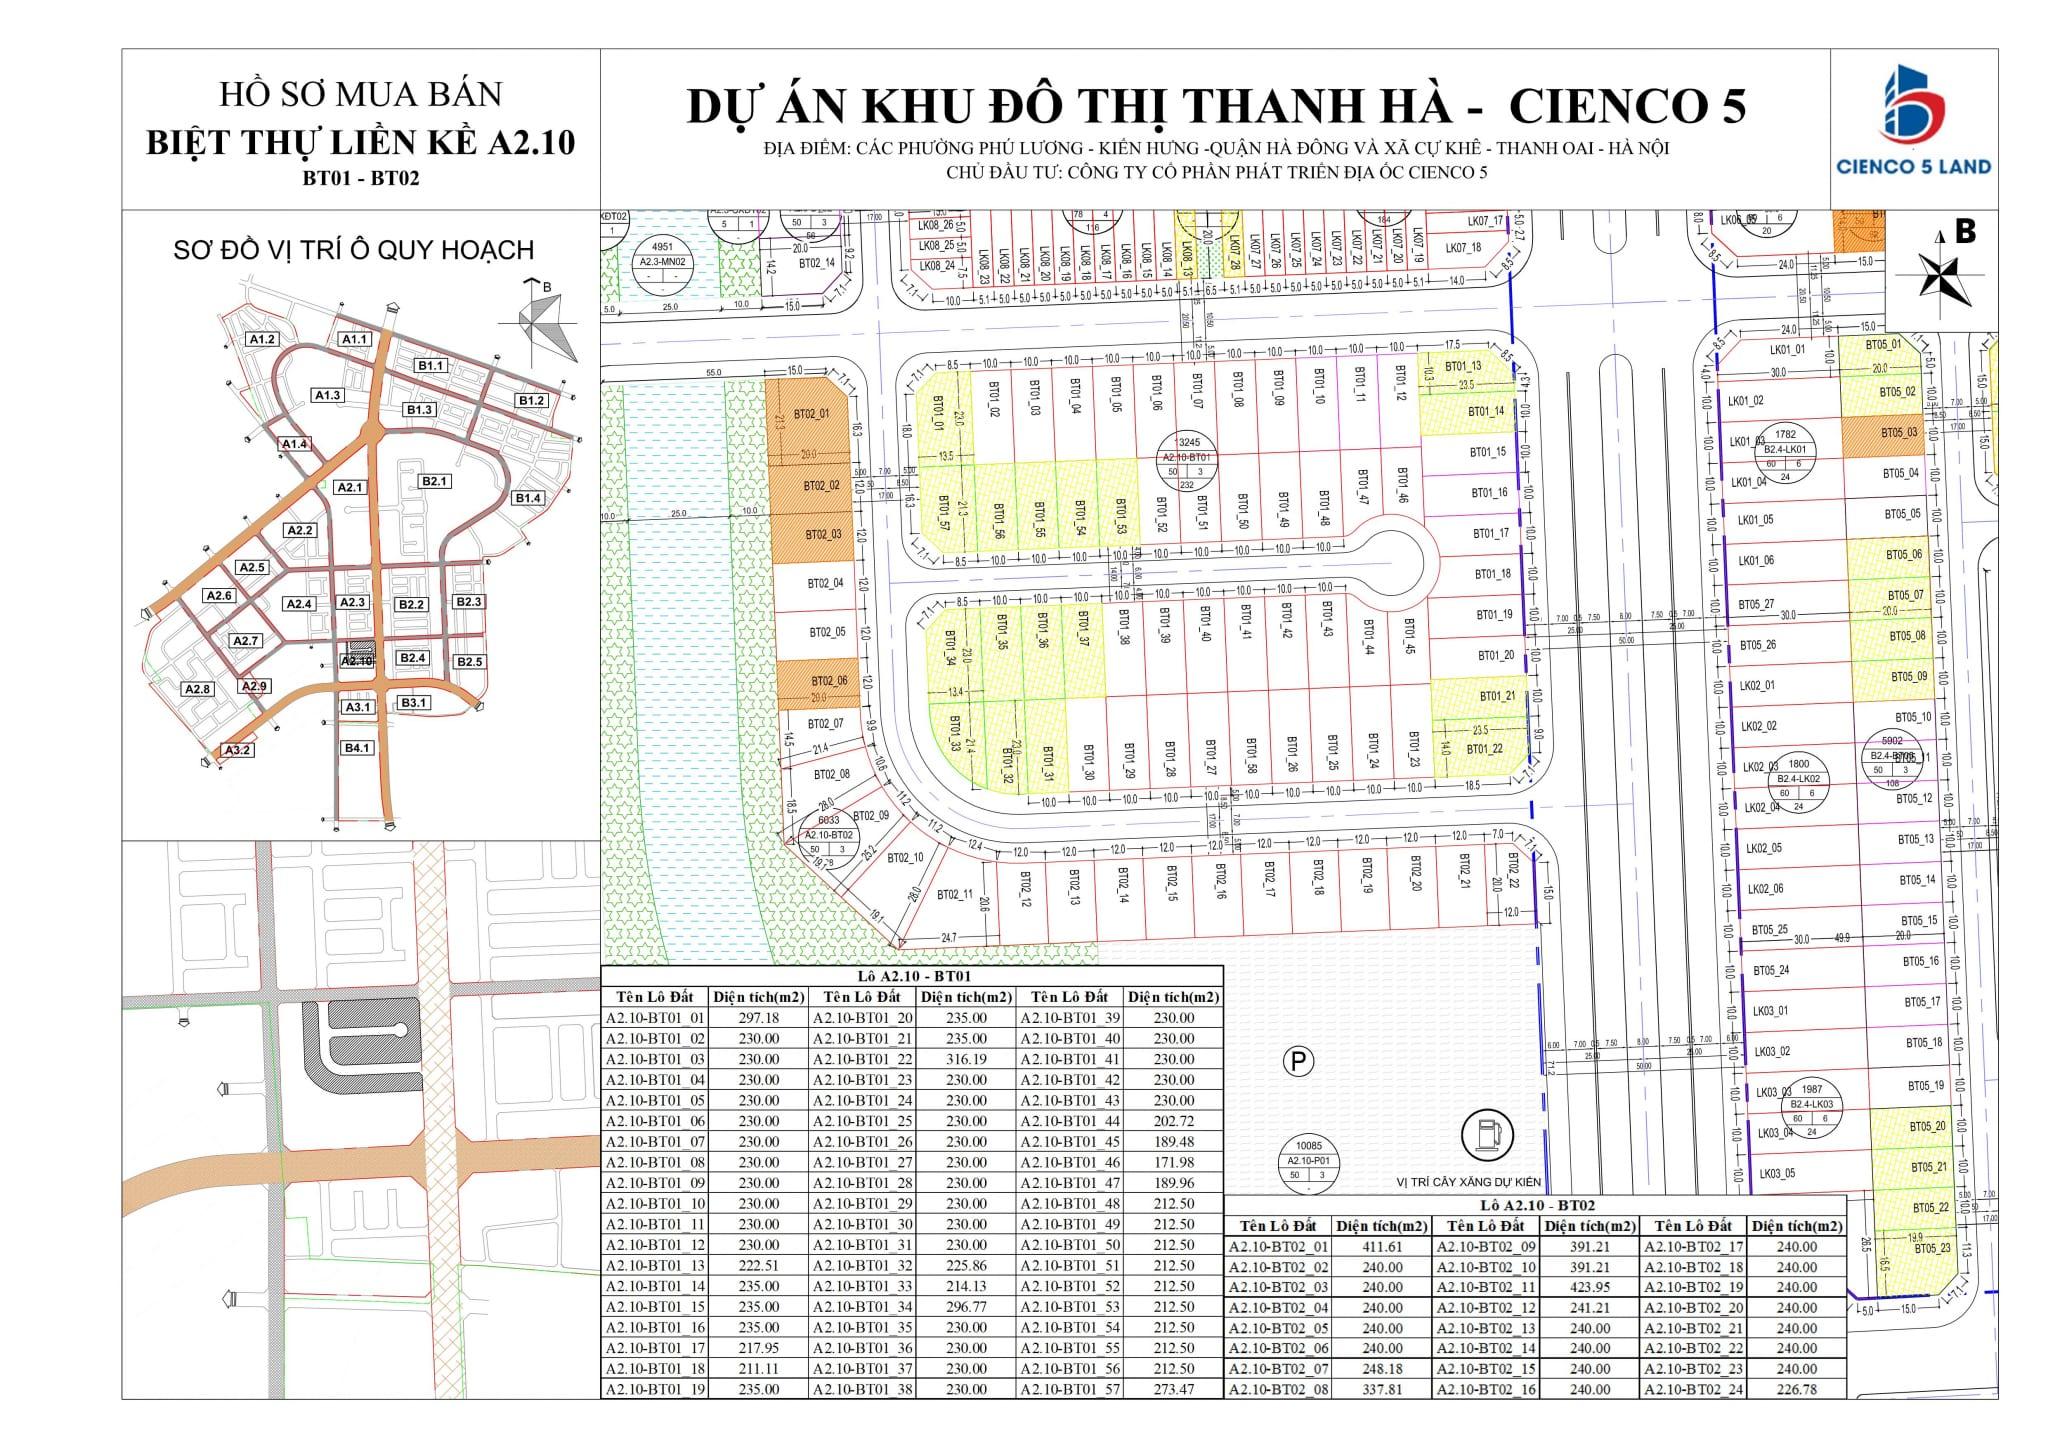 Mặt bằng sơ đô ô đất khu A2.10 biệt thự thanh hà BT01 và BT02